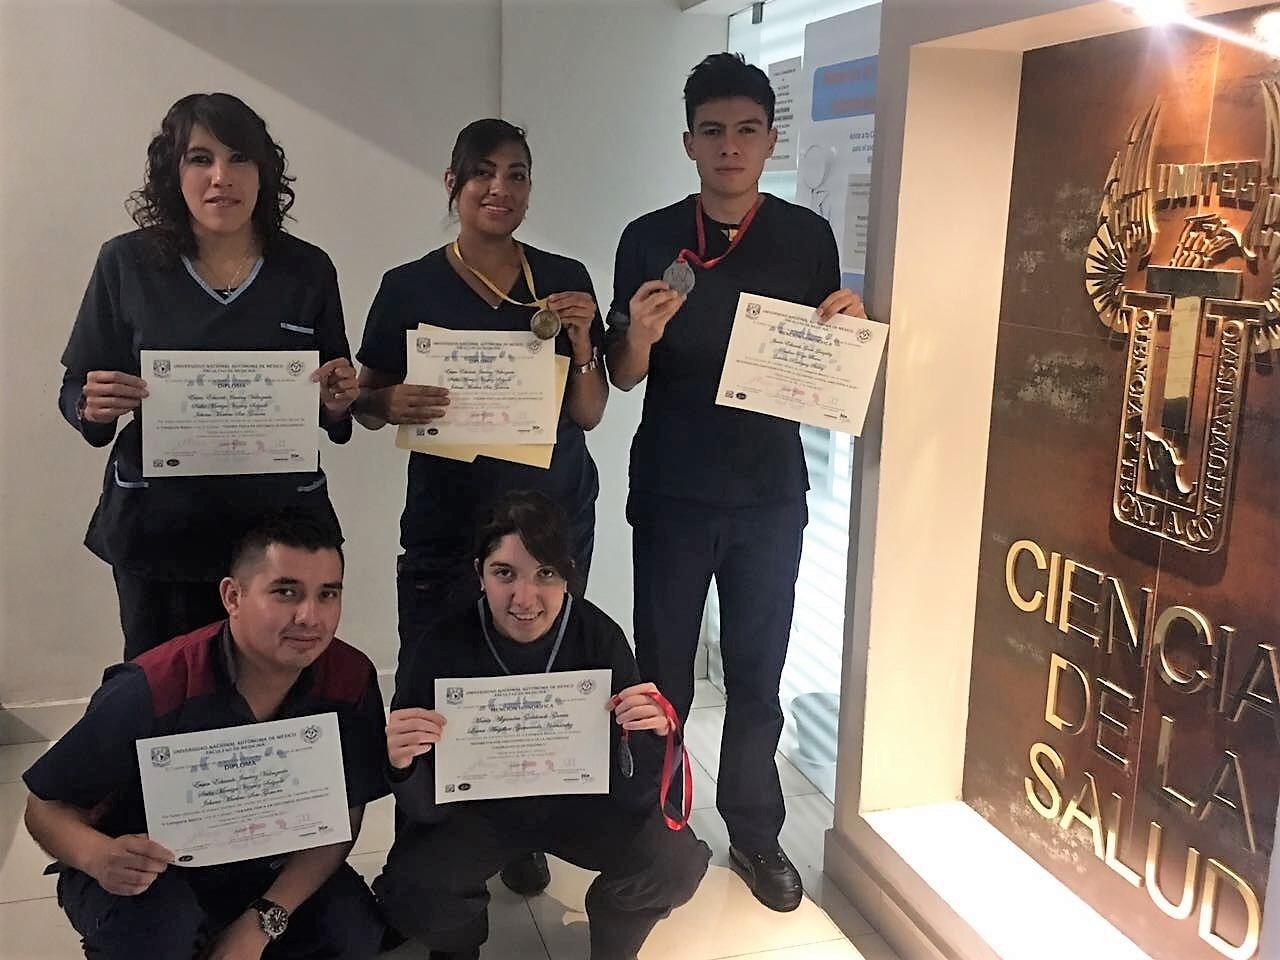 Estudiantes de Fisioterapia ganan en voto abierto concurso de cartel - Featured Image